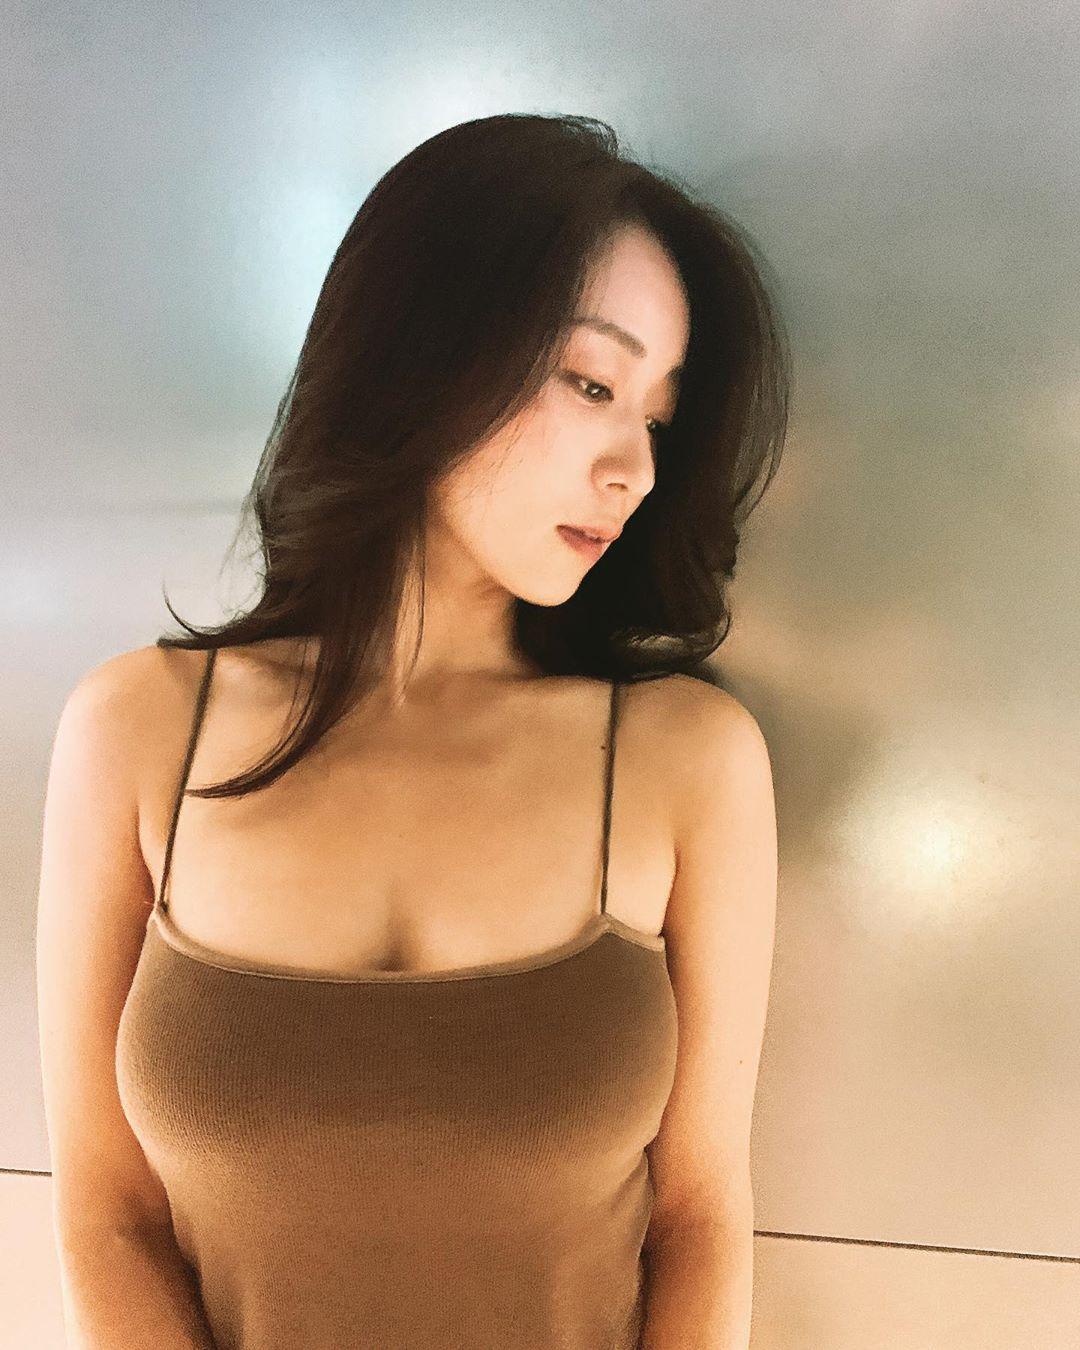 日本31岁女星阶户瑠李病逝,出演过《全裸导演》等作品 第5张